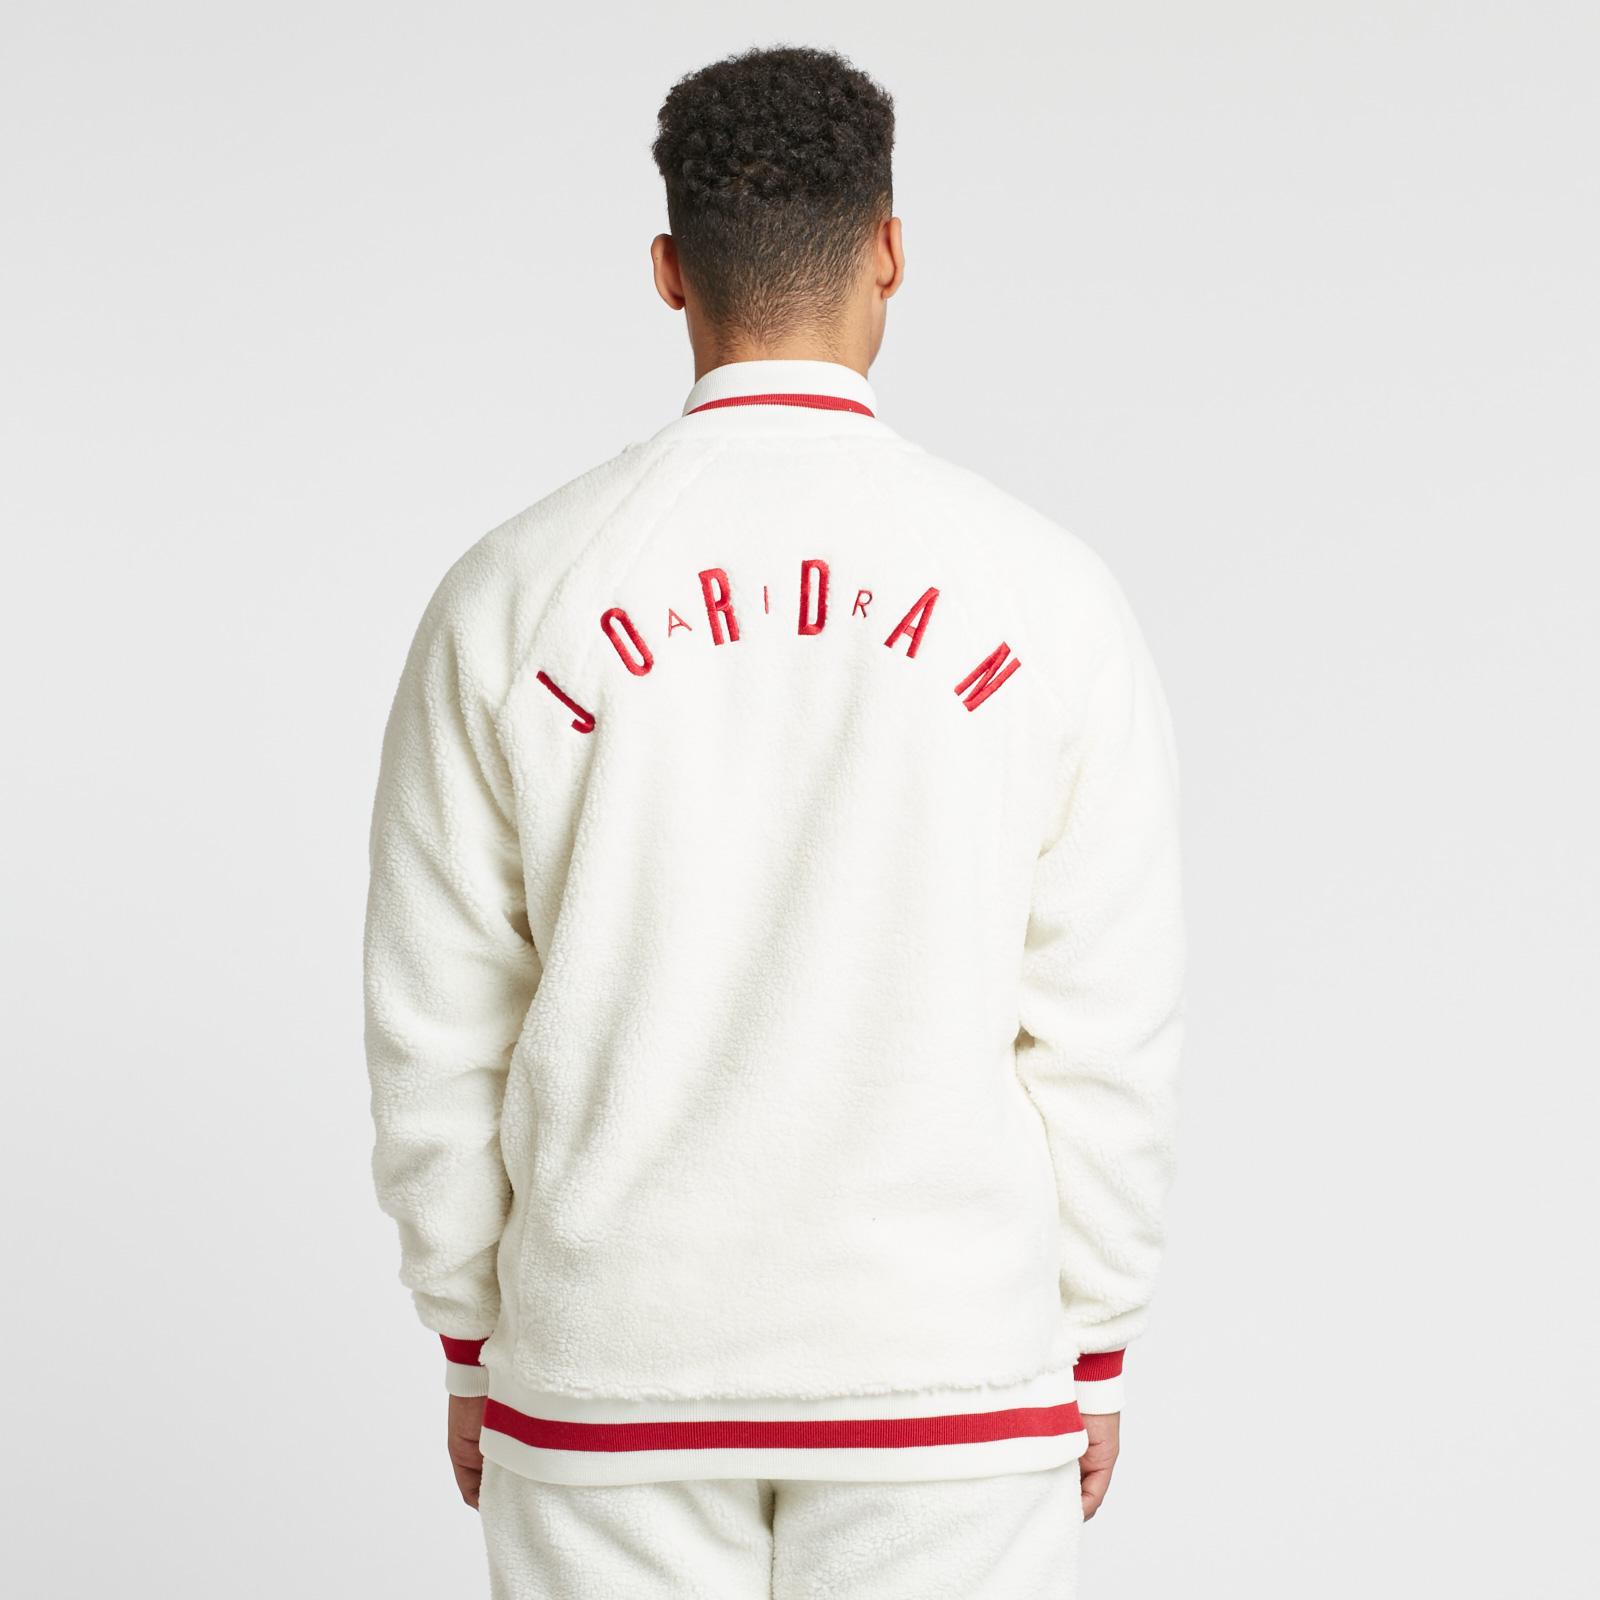 eafdd4f3676373 Jordan Brand Shearling AJ1 Fleece Jacket - Ah9748-133 - Sneakersnstuff |  sneakers & streetwear online since 1999